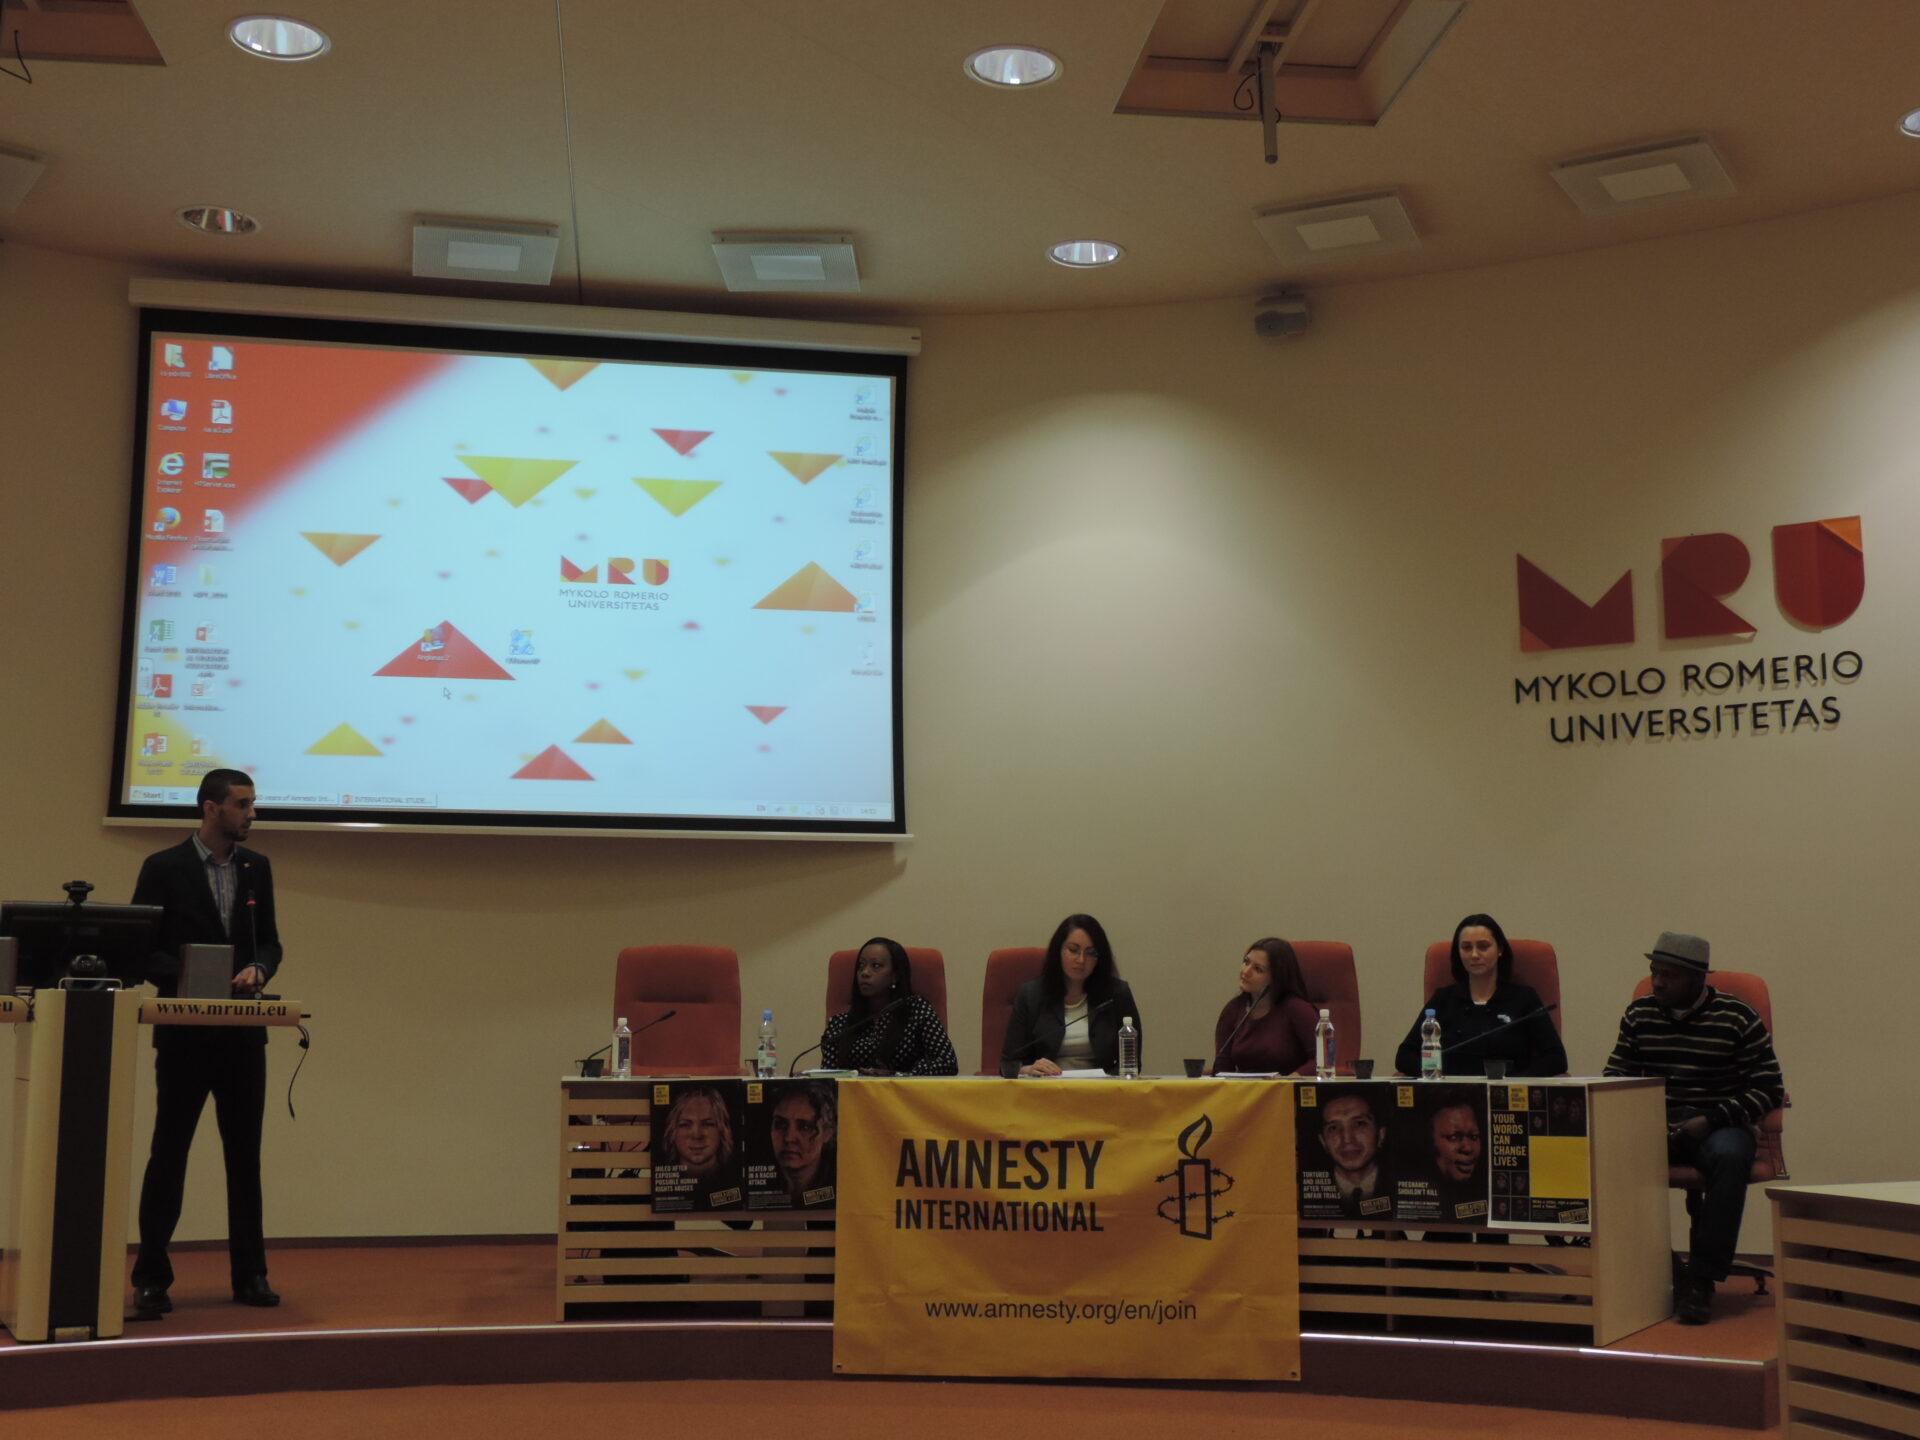 Międzynarodowy Dzień Praw Człowieka na Uniwersytecie M. Romera